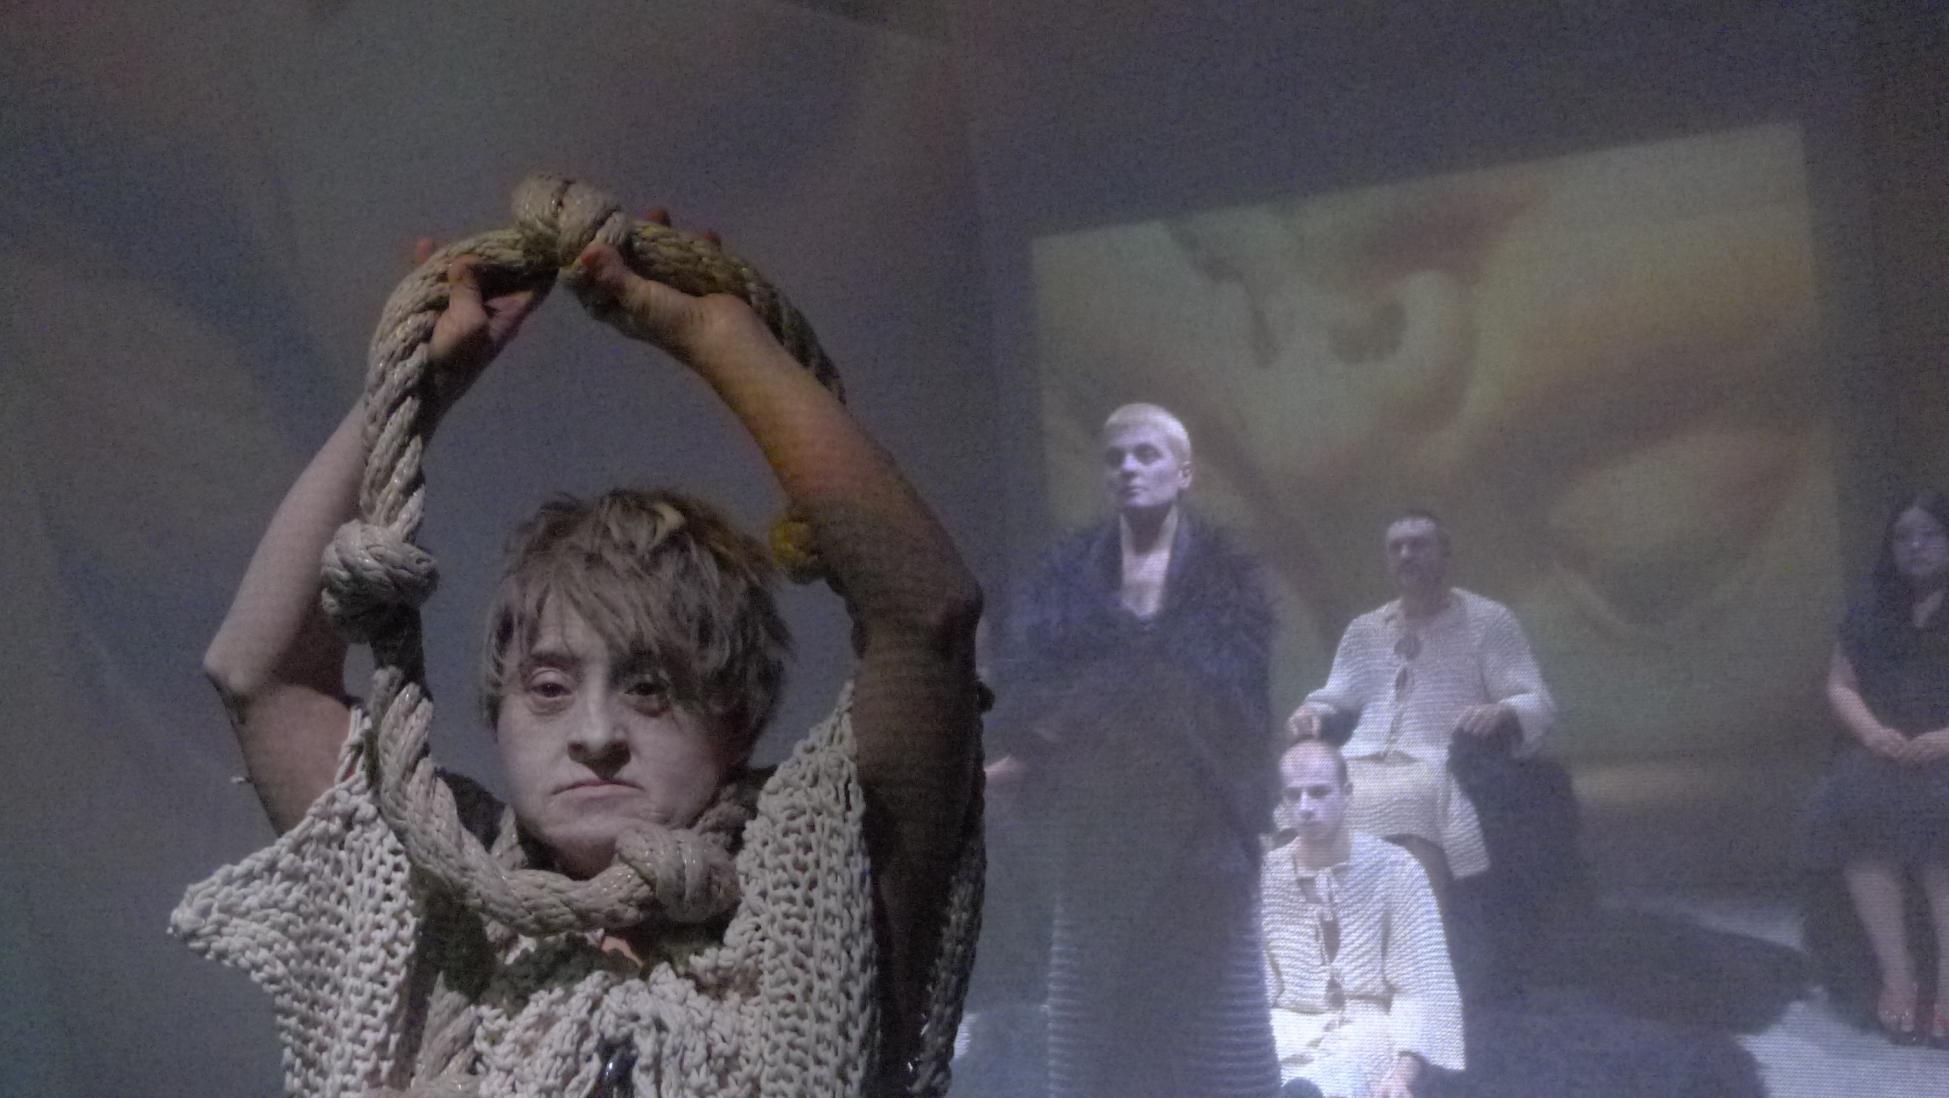 Barbara Voghera in Verdi Re Lear @ Francesco Pititto